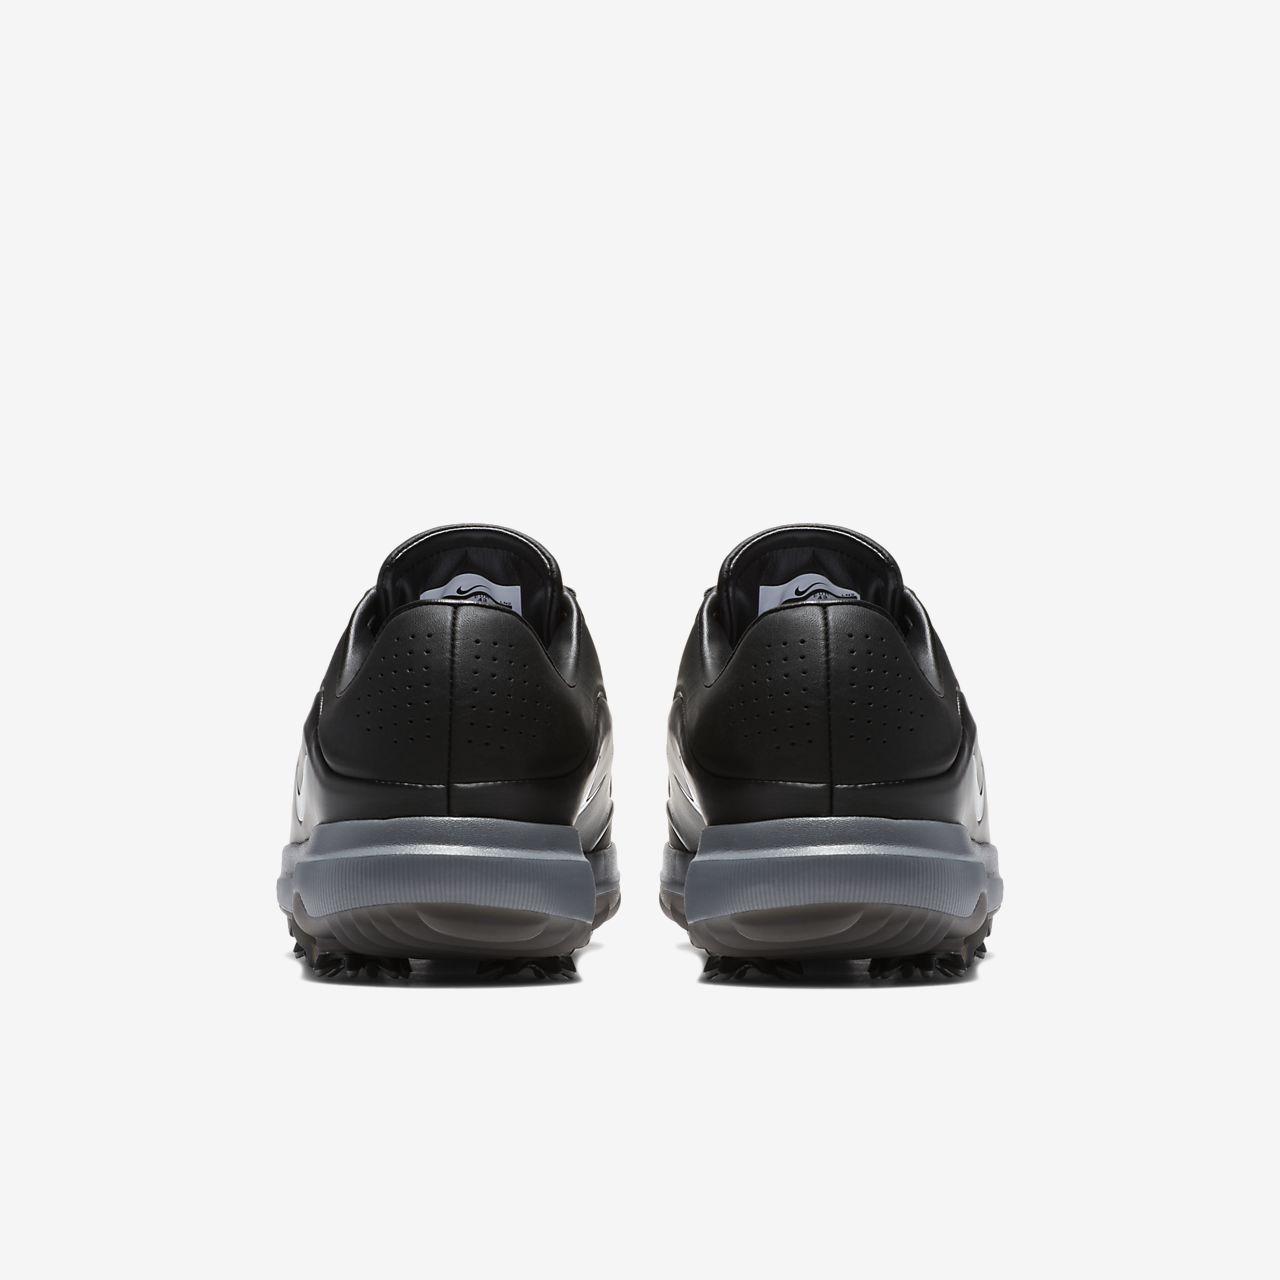 5e0c049a1 Nike Air Zoom Precision Men s Golf Shoe. Nike.com CH